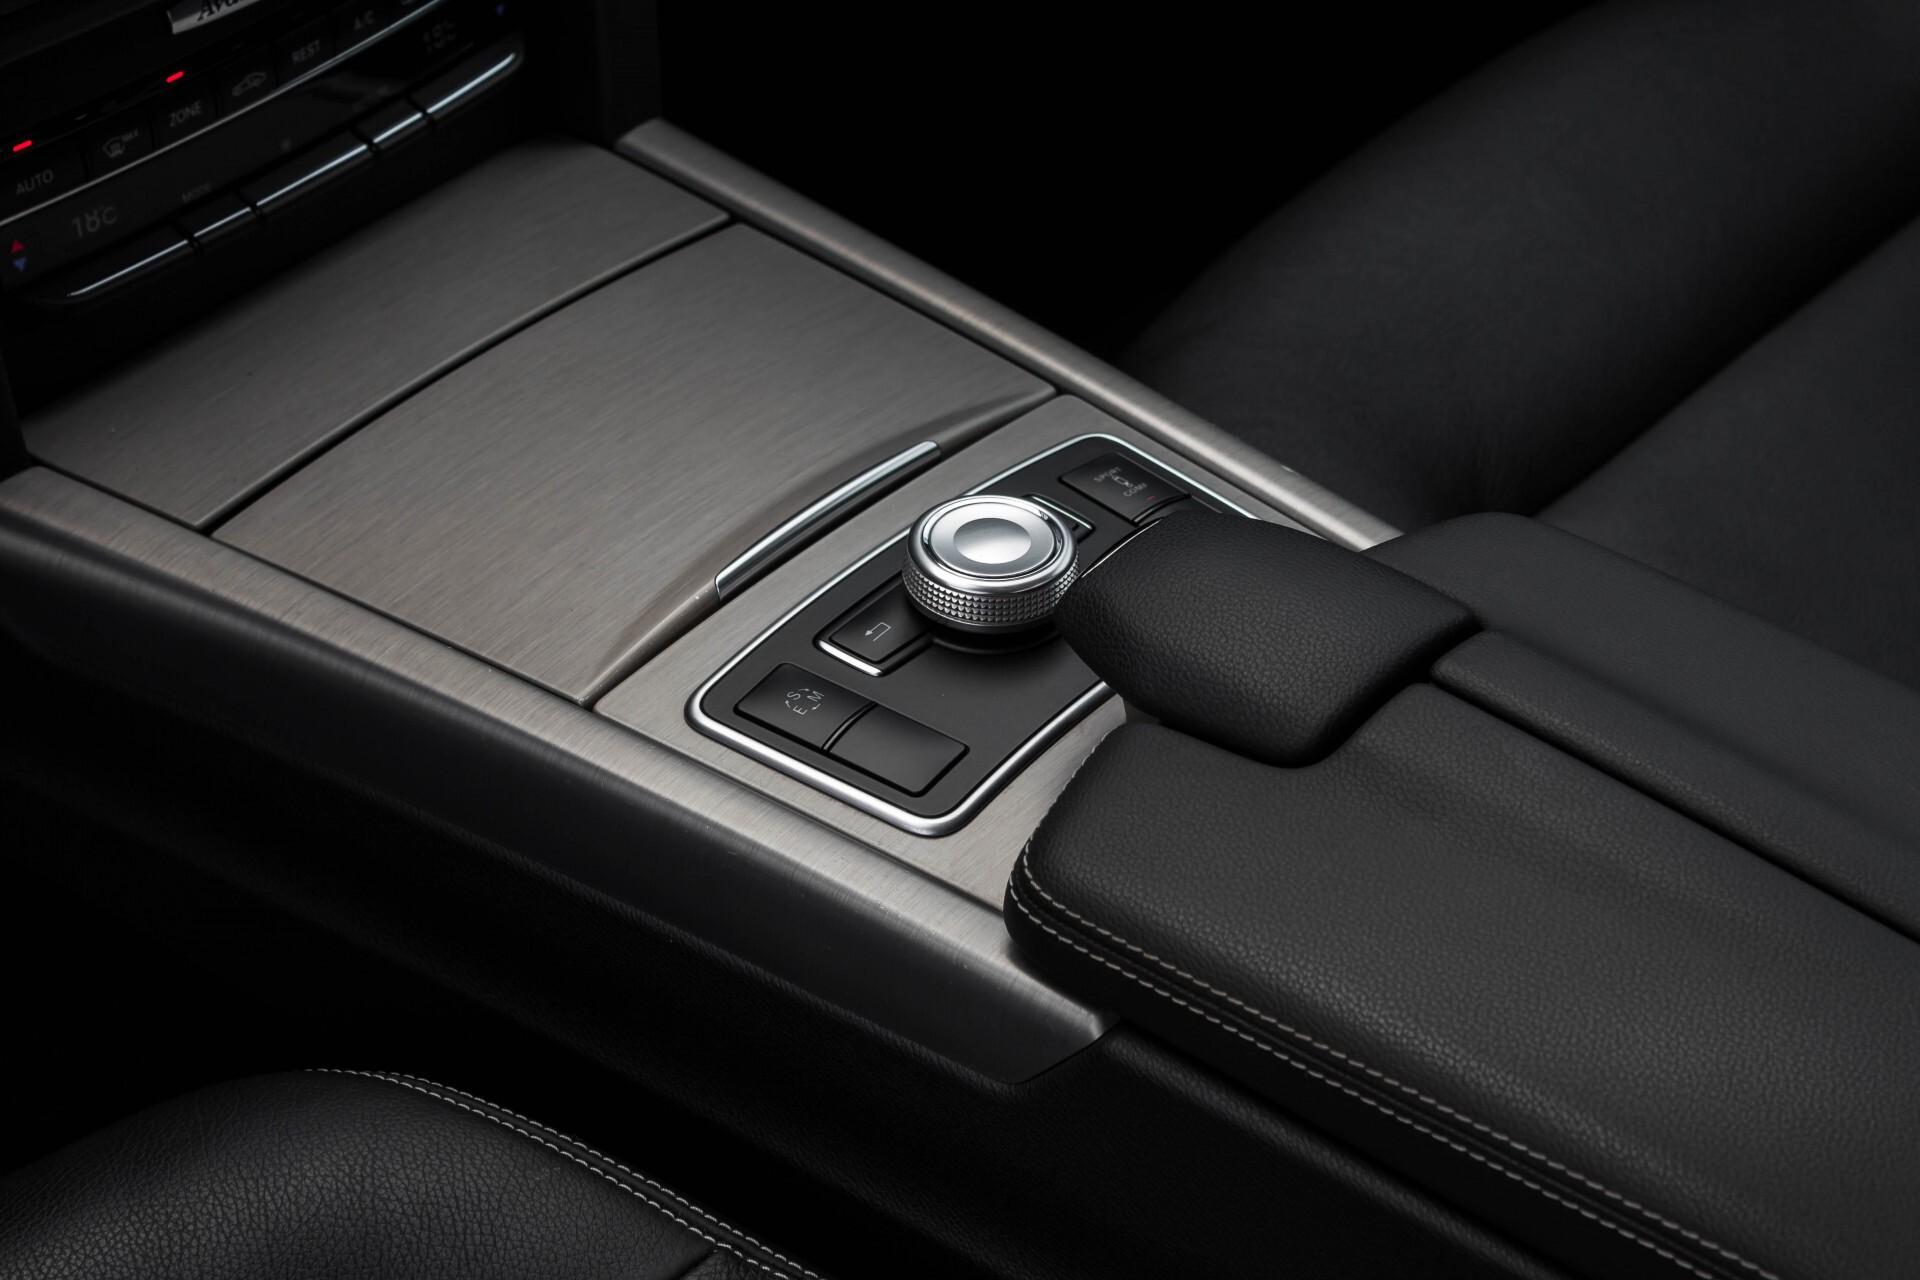 Mercedes-Benz E-Klasse Estate 350 Cdi AMG Luchtvering/Schuifdak/Comand/Harman Kardon/ILS Aut7 Foto 31